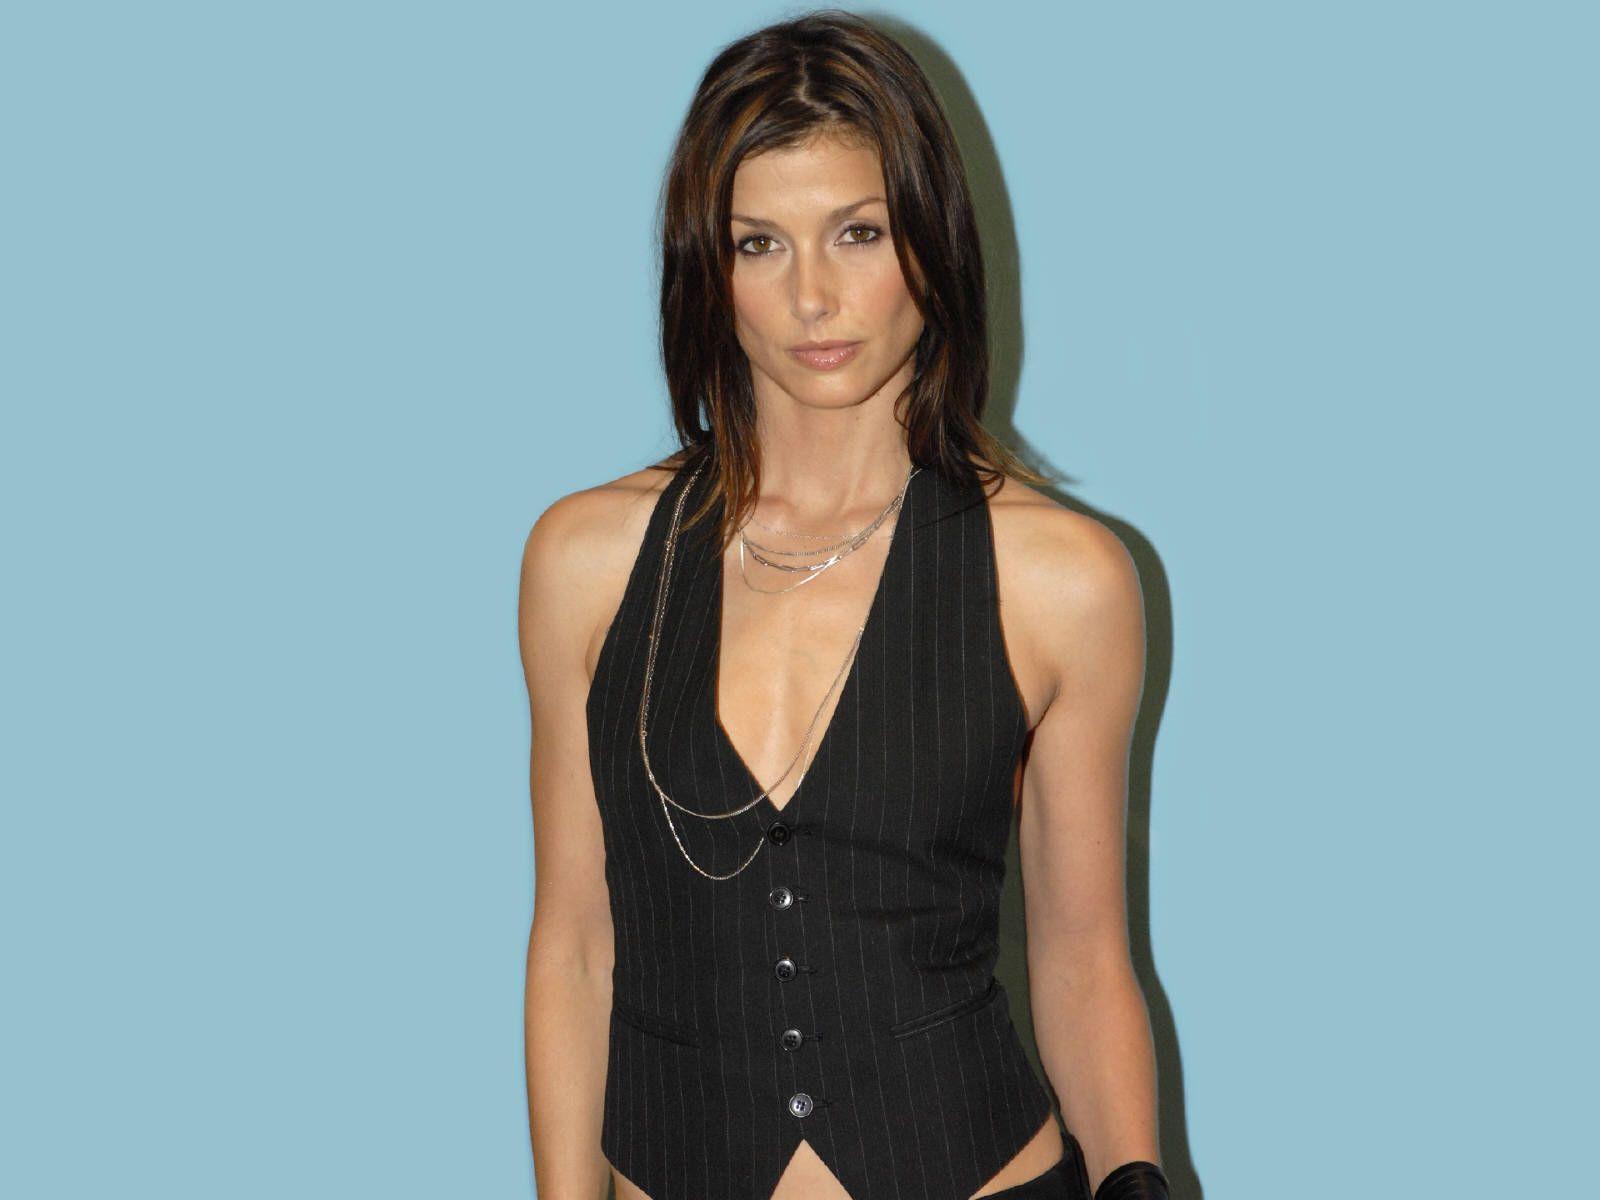 Kacey jordan model